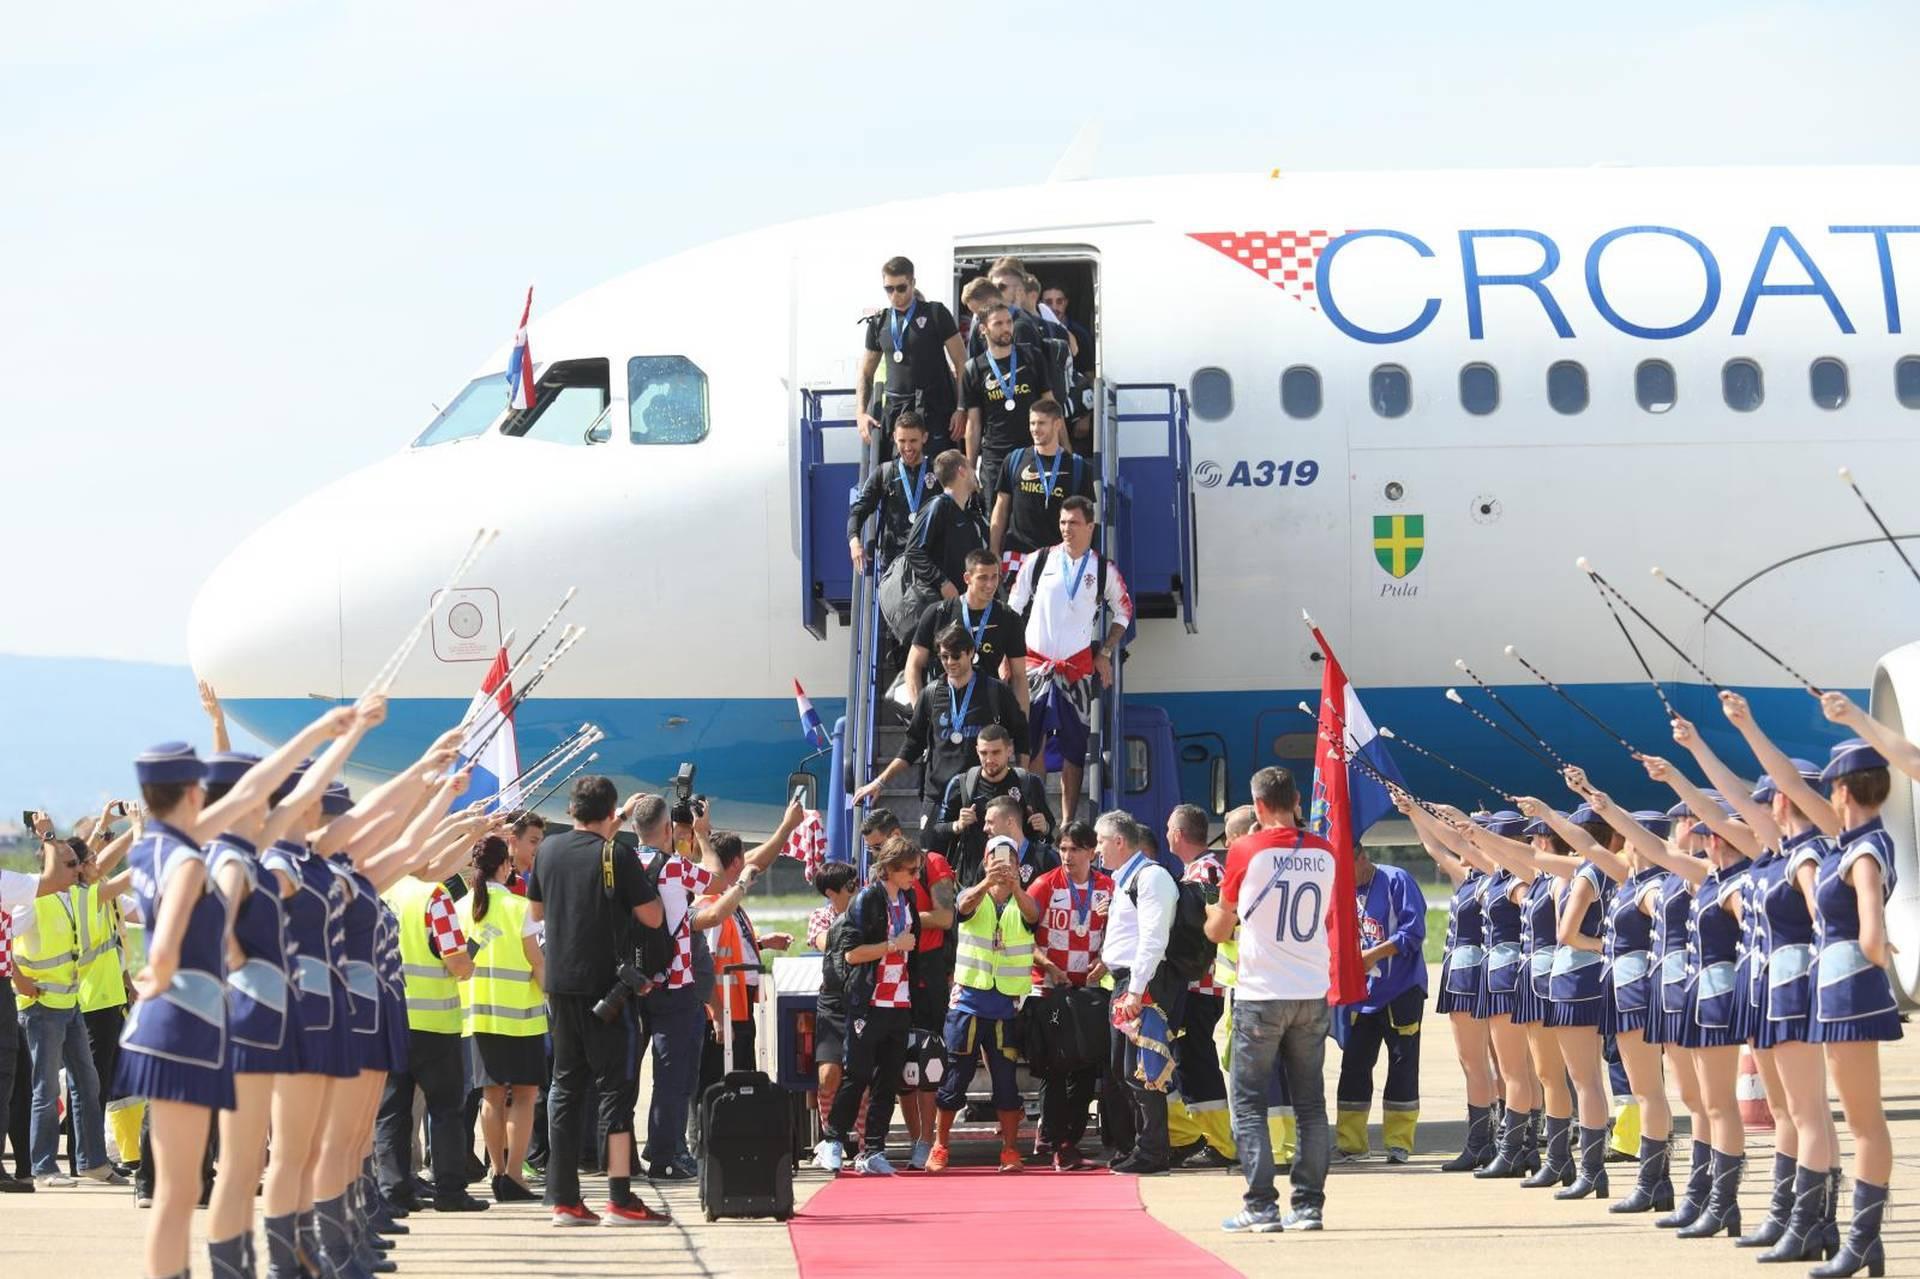 Hrvati su dobili slobodan dan na poslu i 6 sati čekali junake,  a Dalić ih spašavao na autobusu